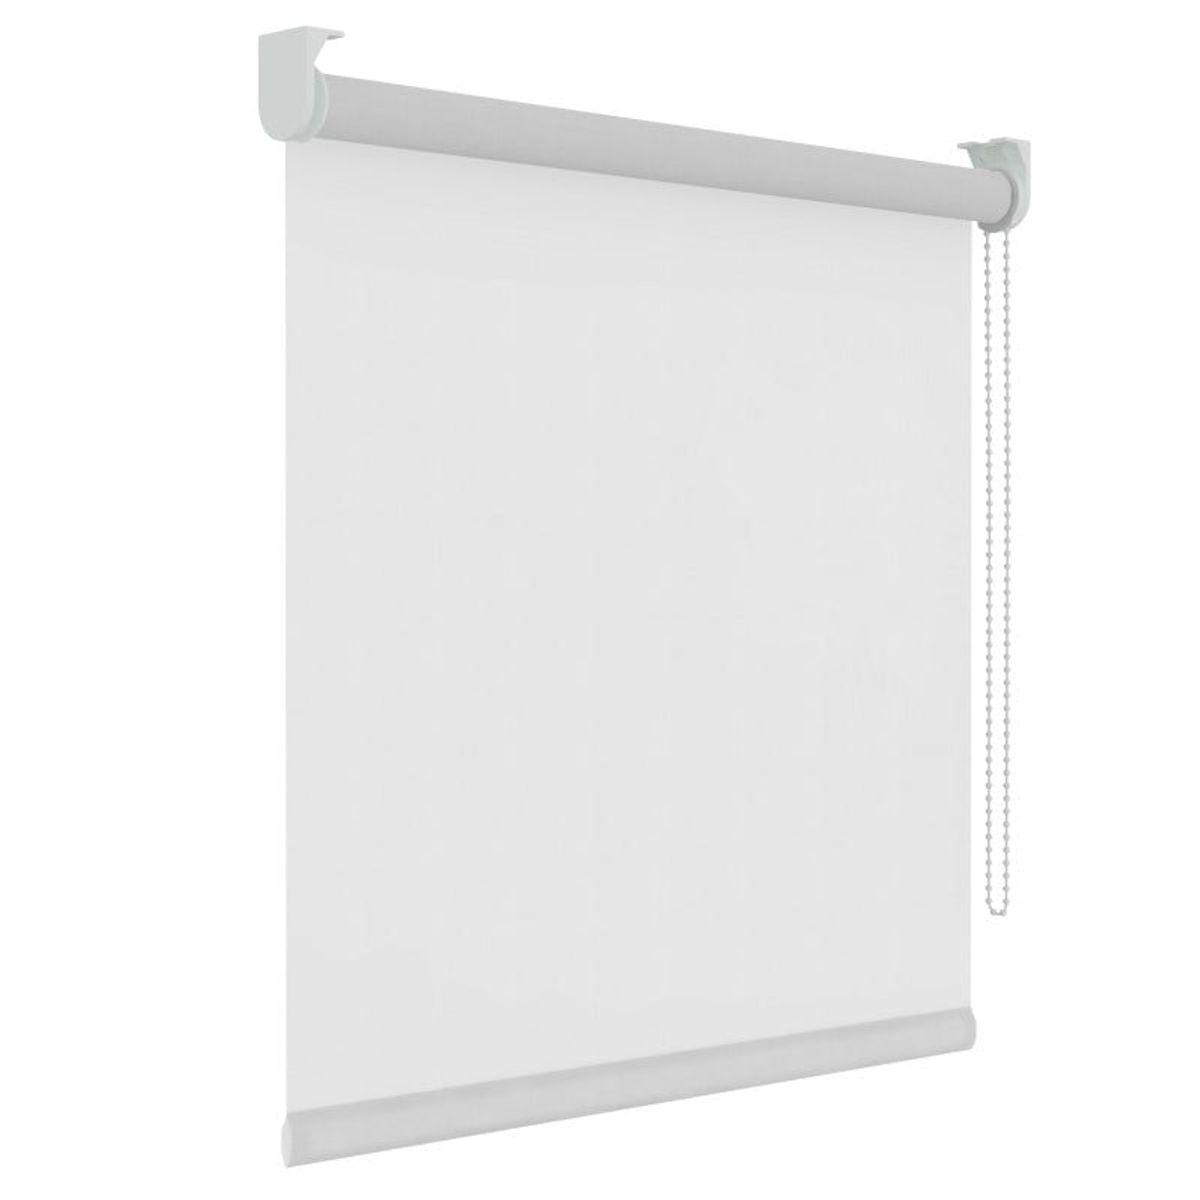 Rolgordijn - Lichtdoorlatend - Wit - 90cm x 250cm